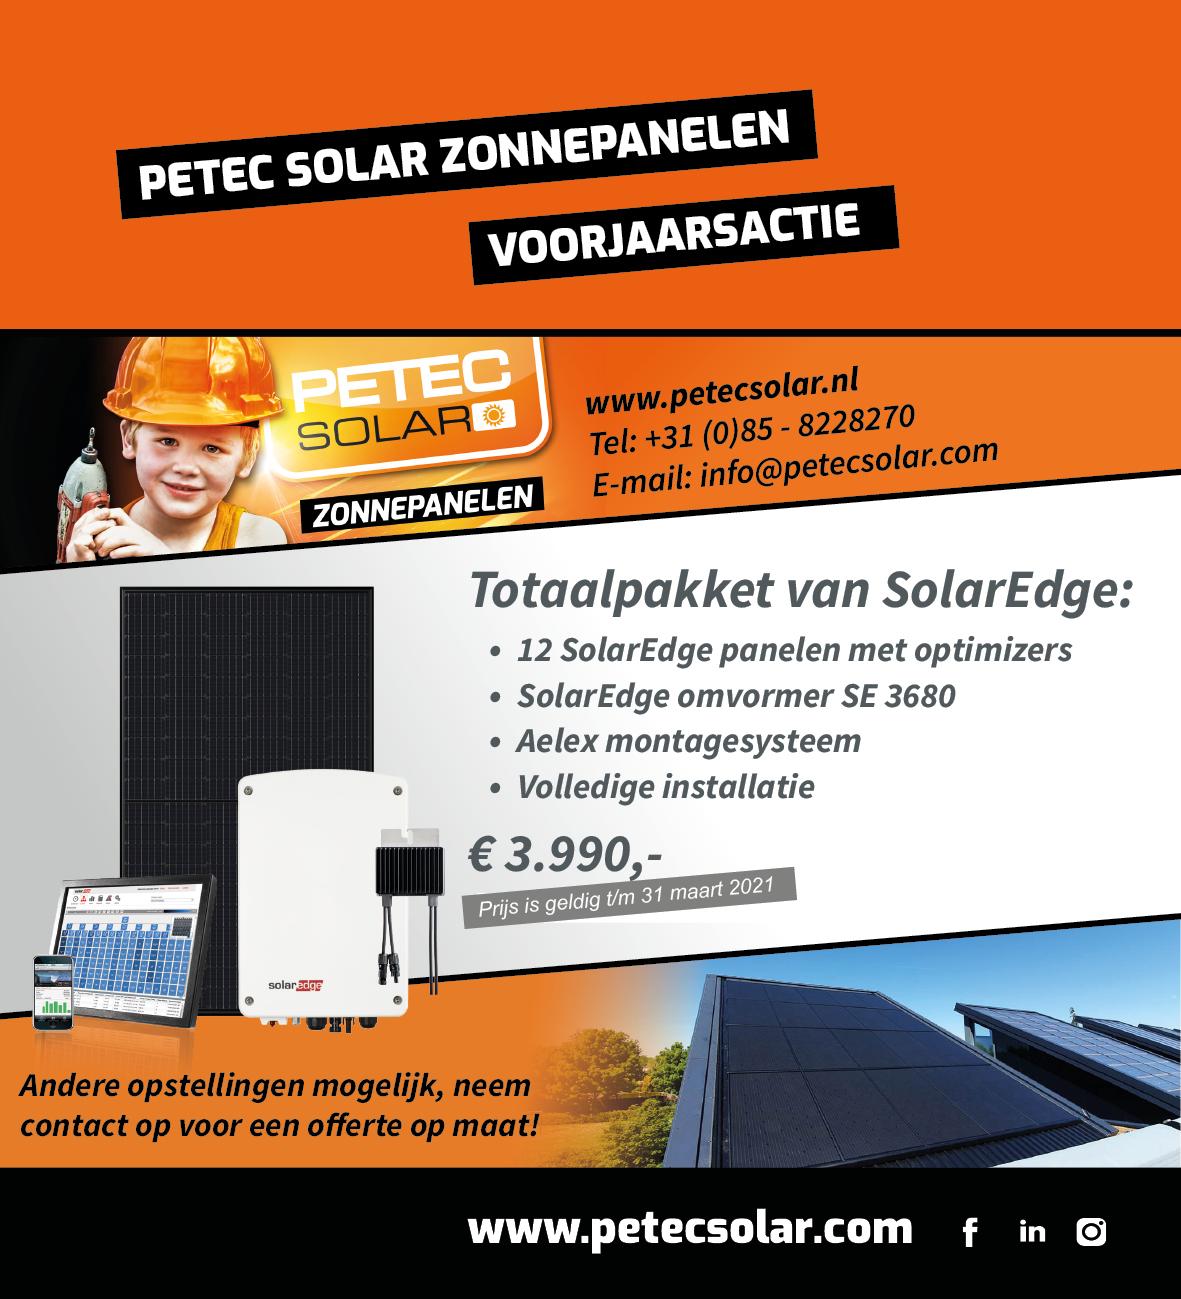 Petec Solar Voorjaarsactie